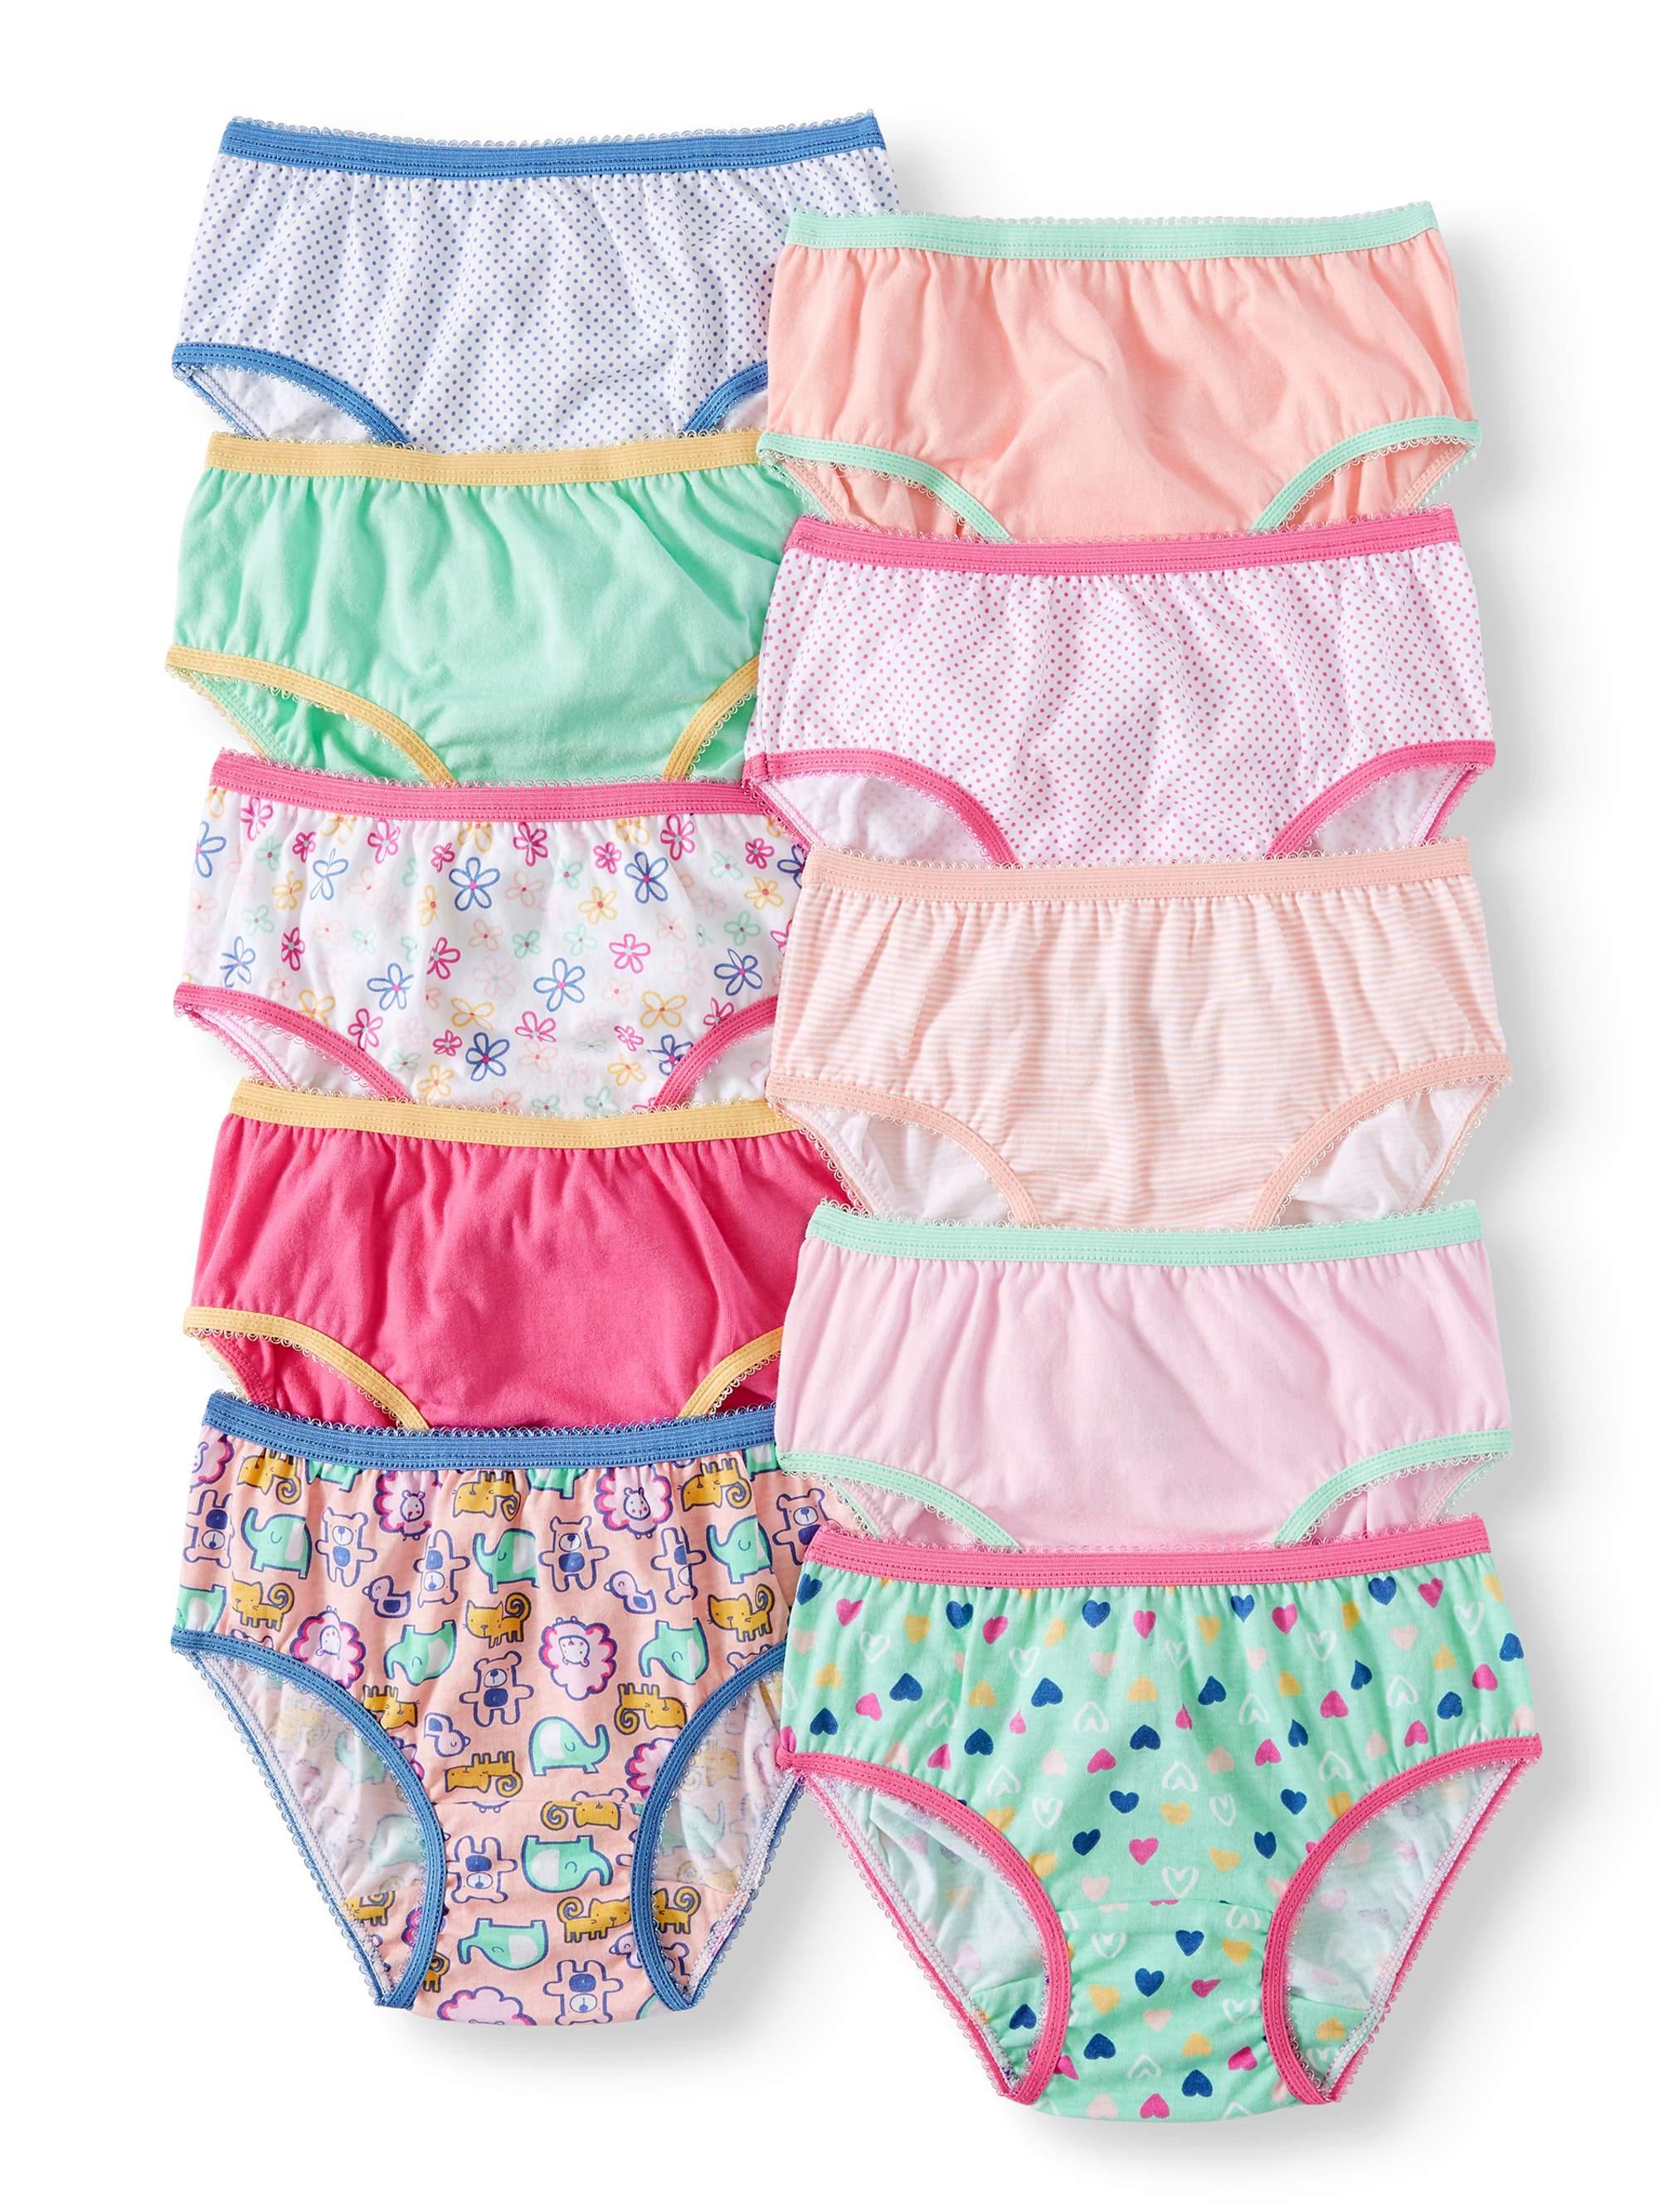 Cotton Brief Panties, 10-pack (Toddler Girls)